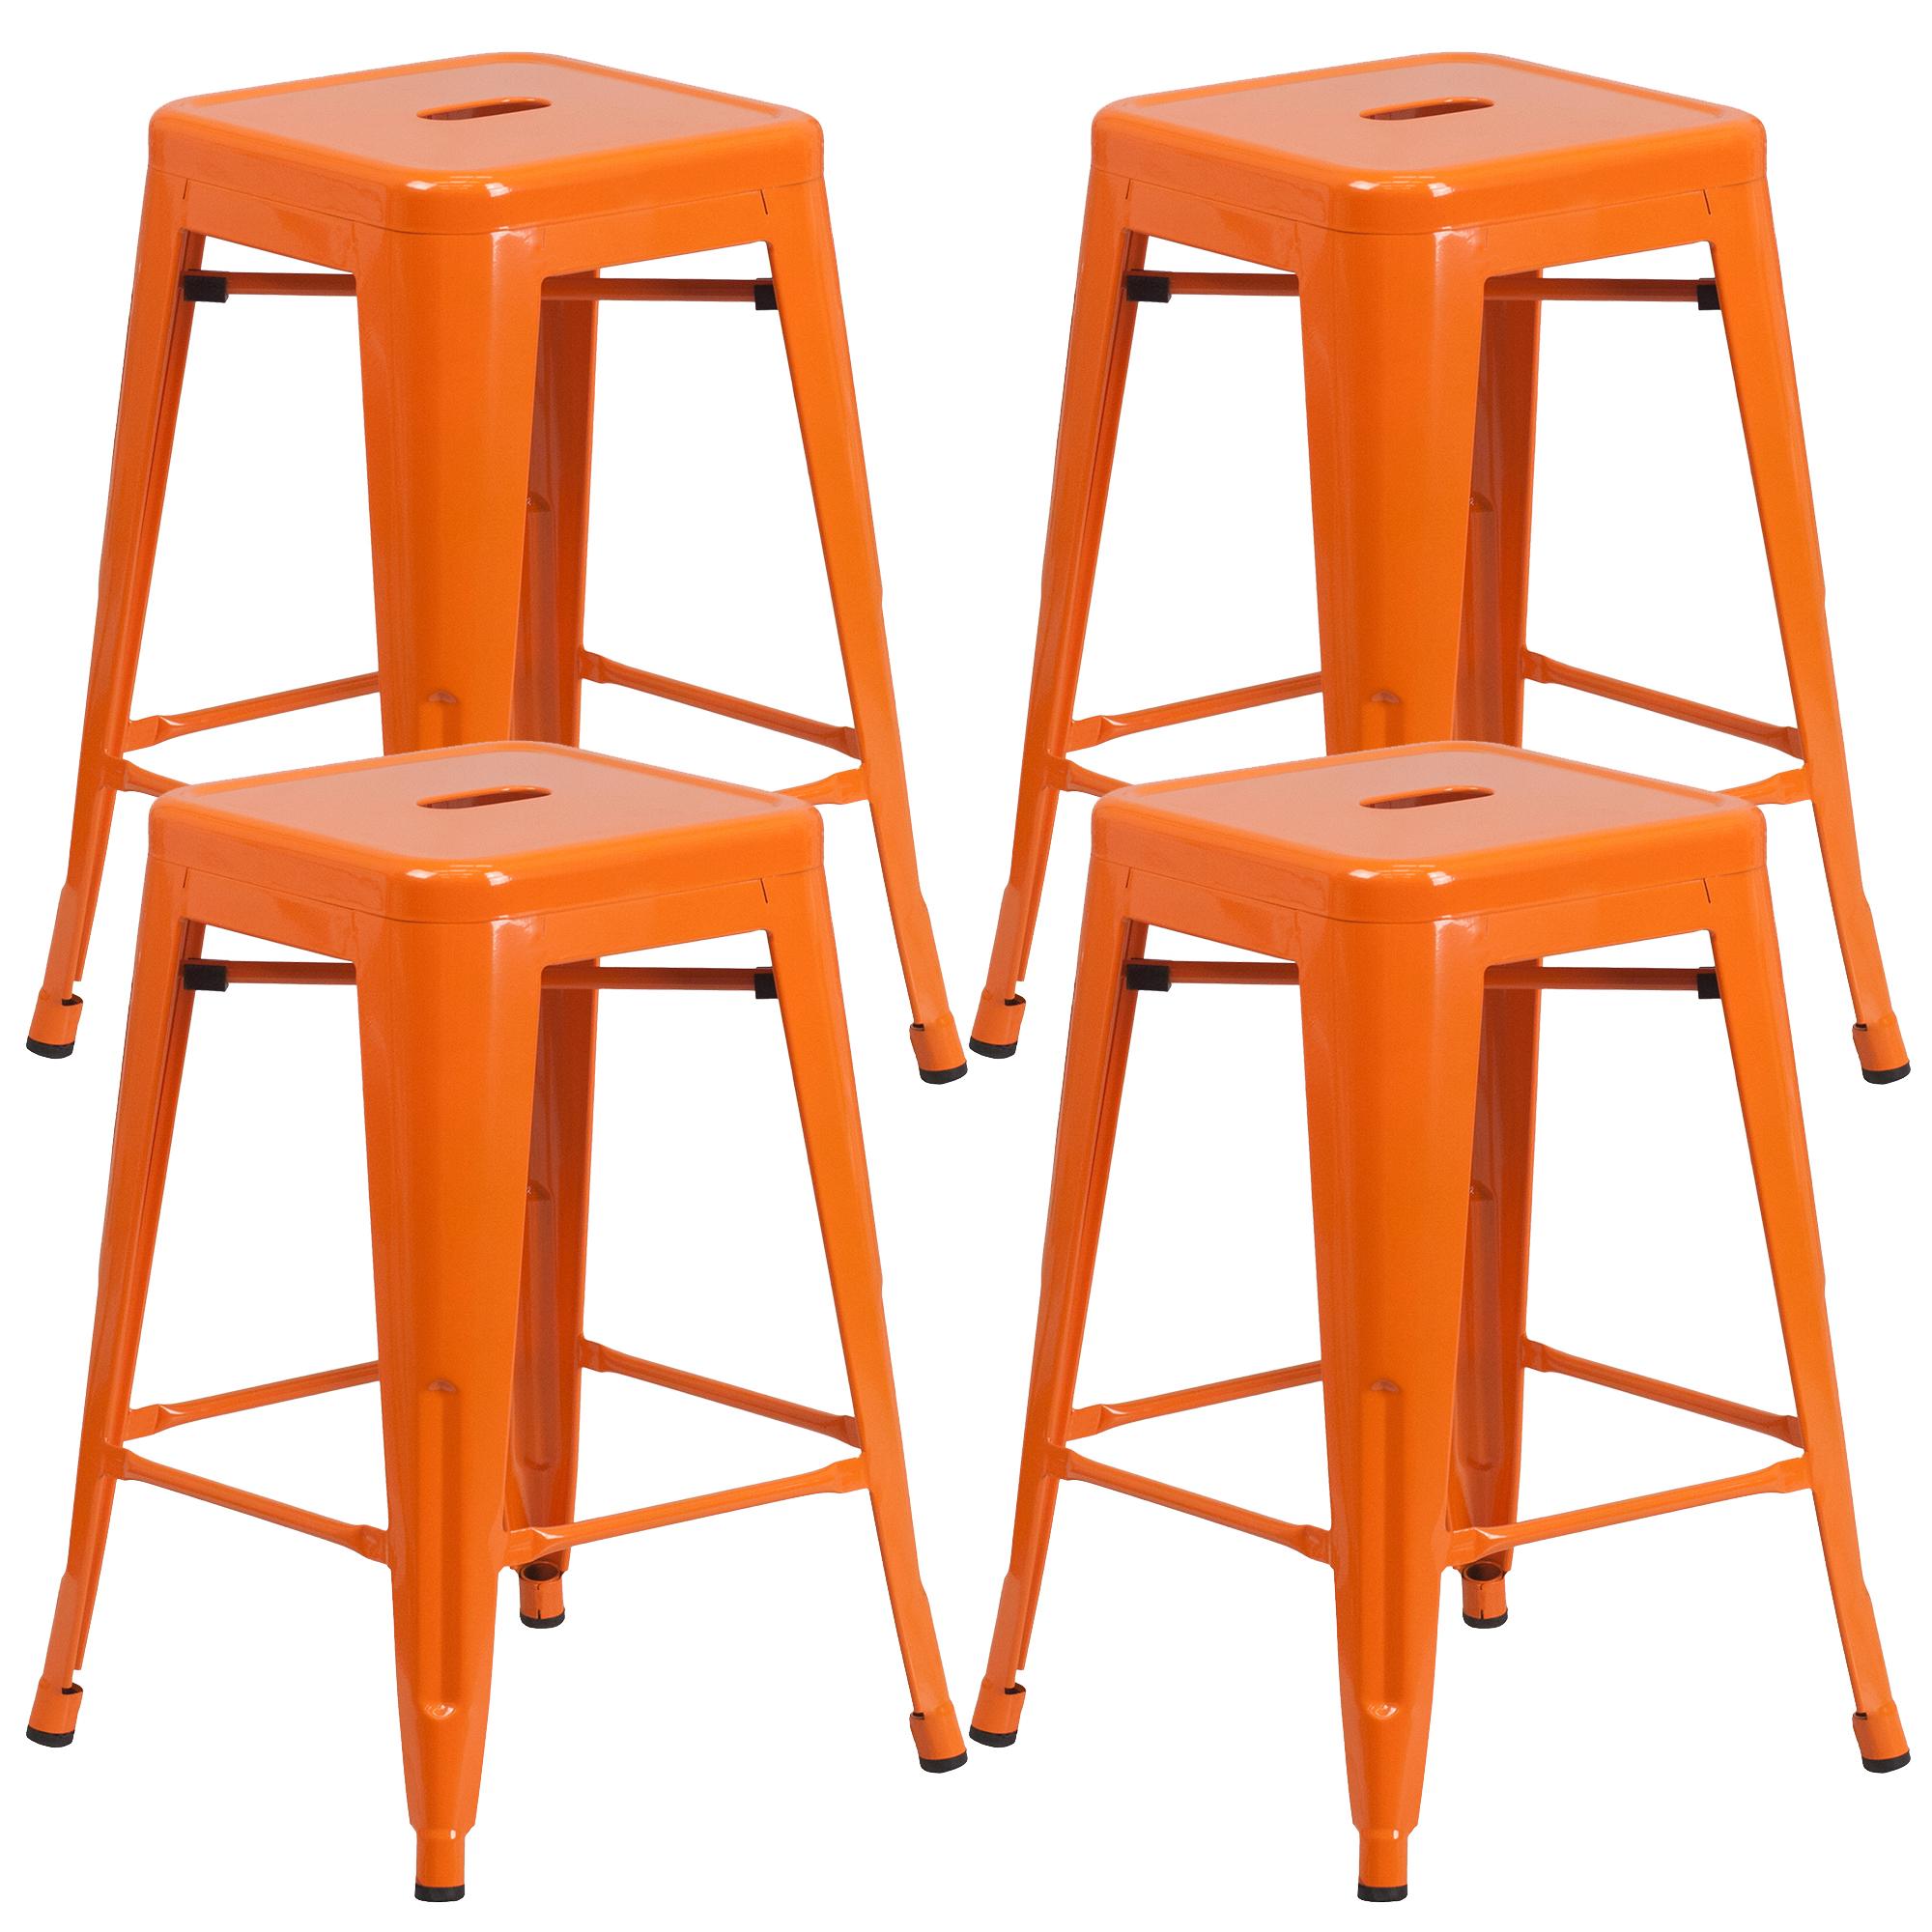 """Vogue Furniture Direct Barstool 24"""" backless metal Stools ORANGE (Set of 4) VF1571003-4"""